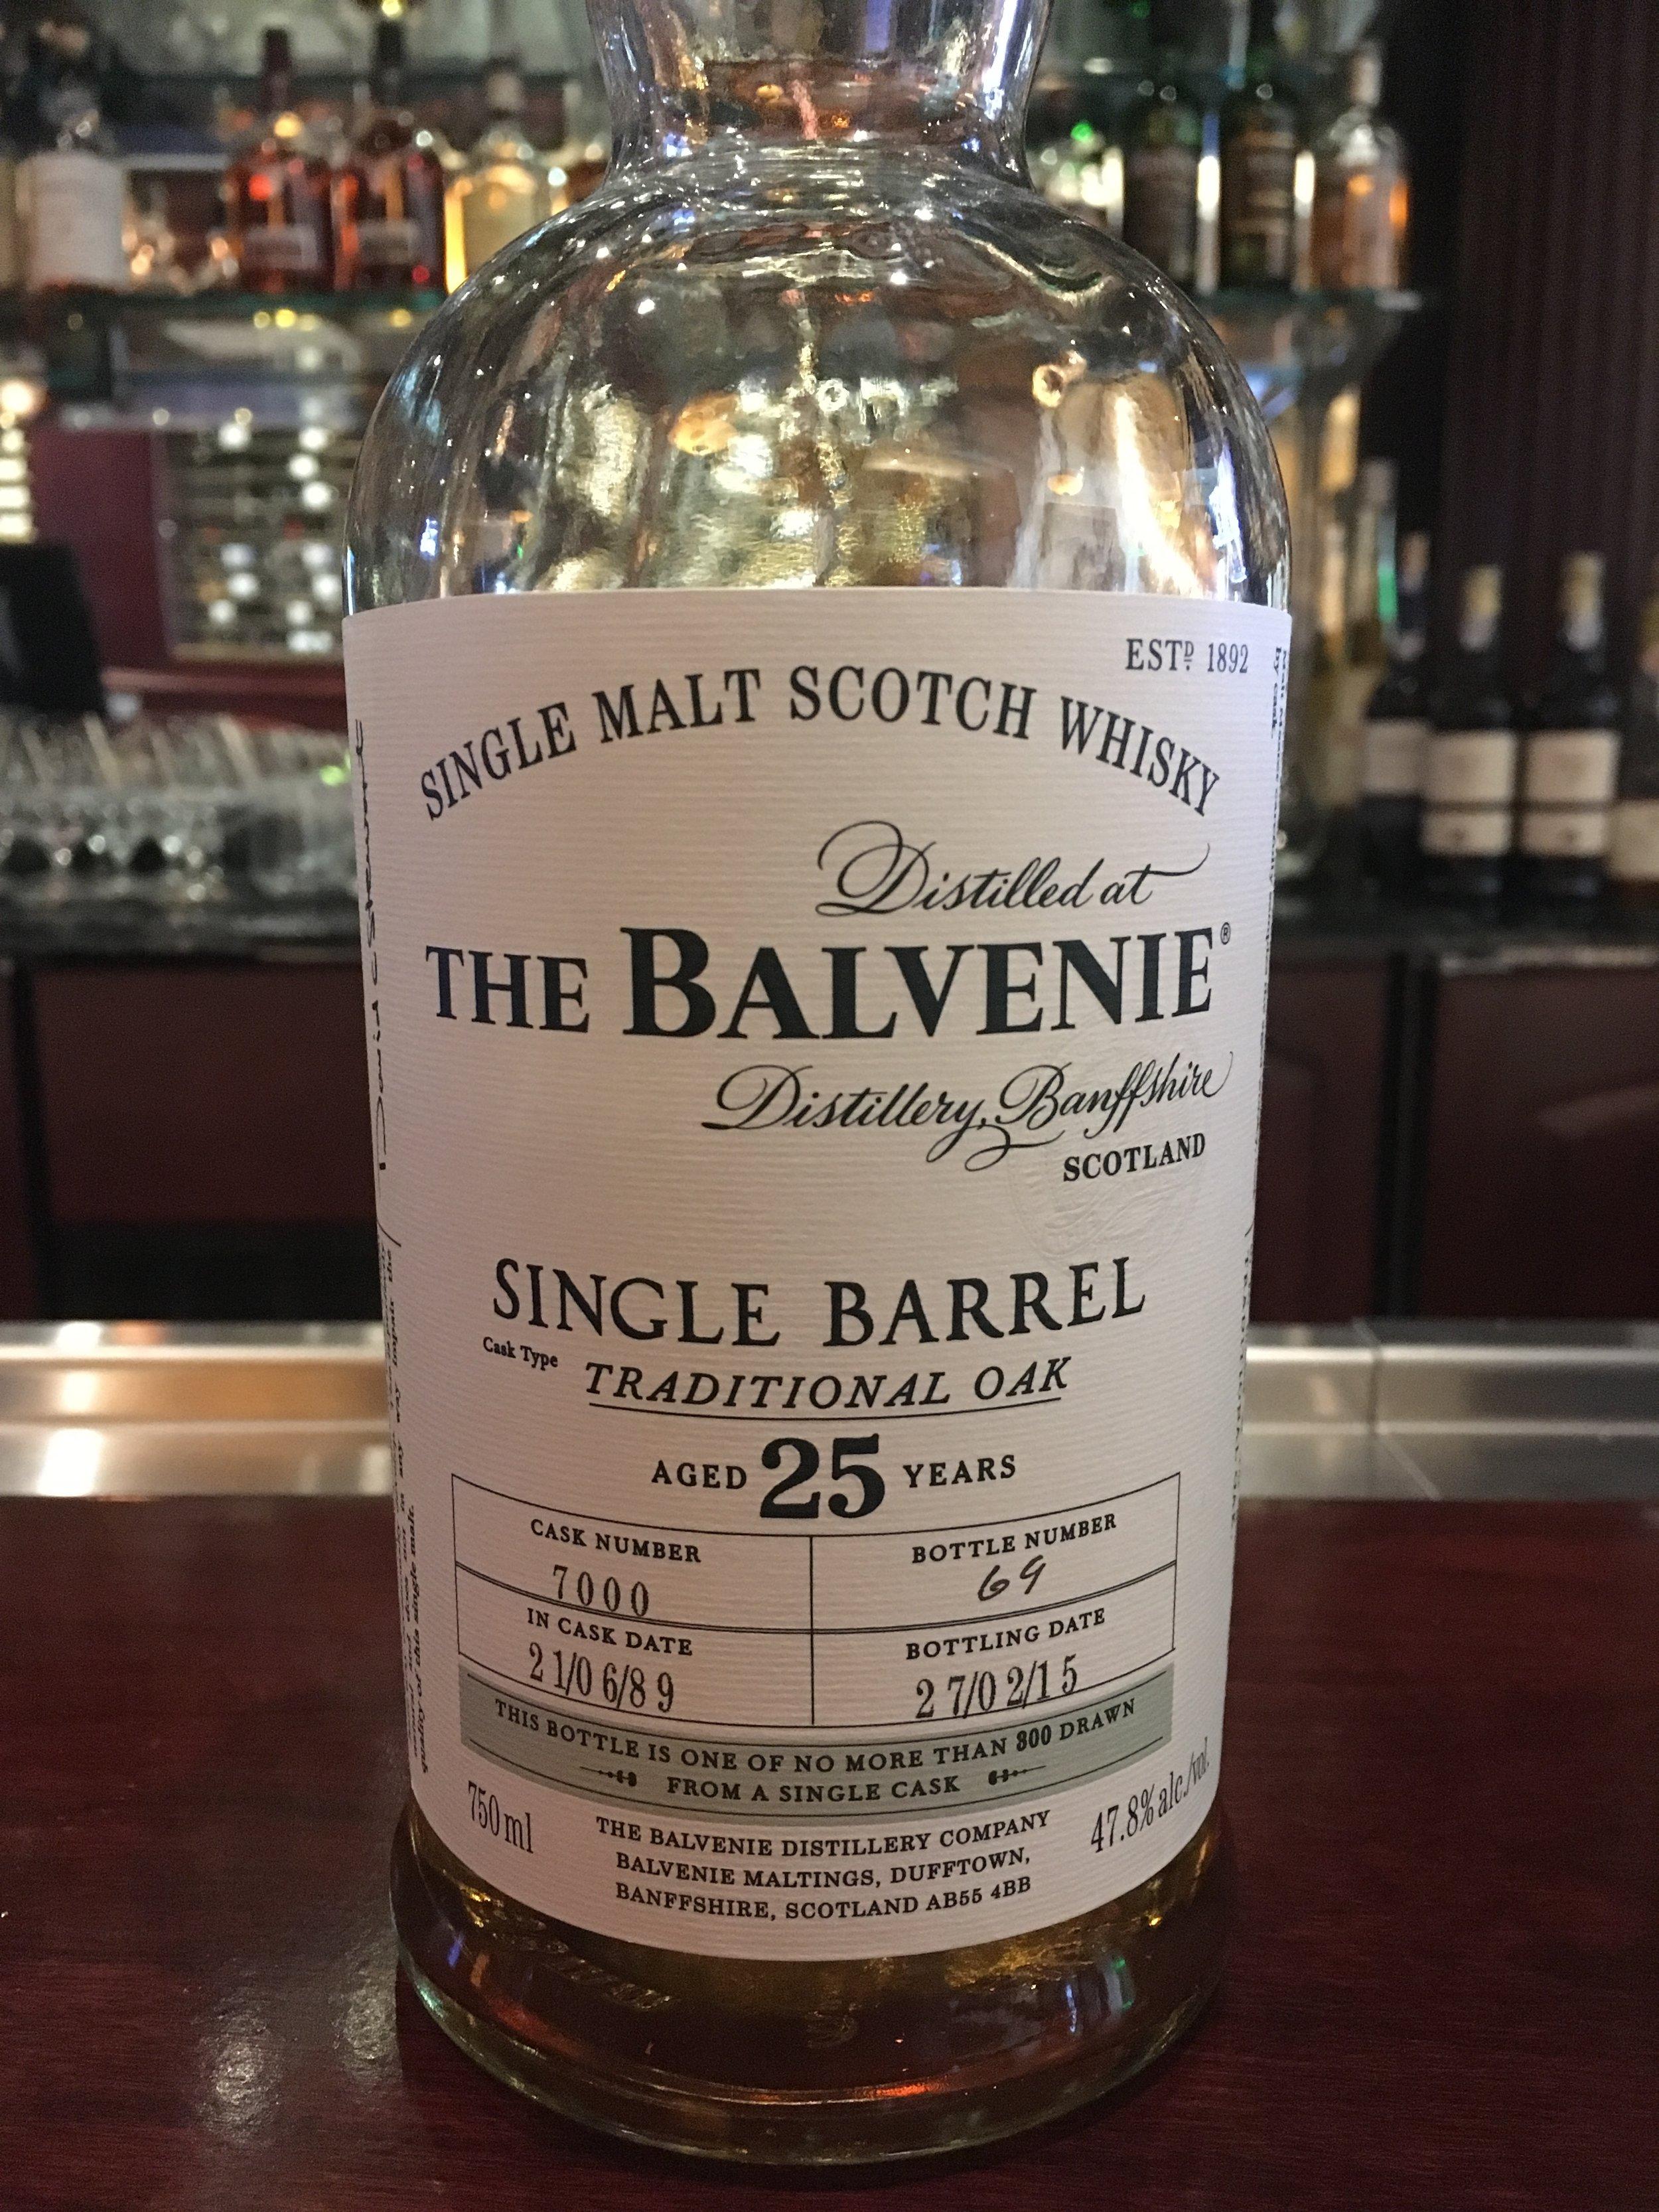 25 Year Old | 47.8% ABV - Distillery | Balvenie